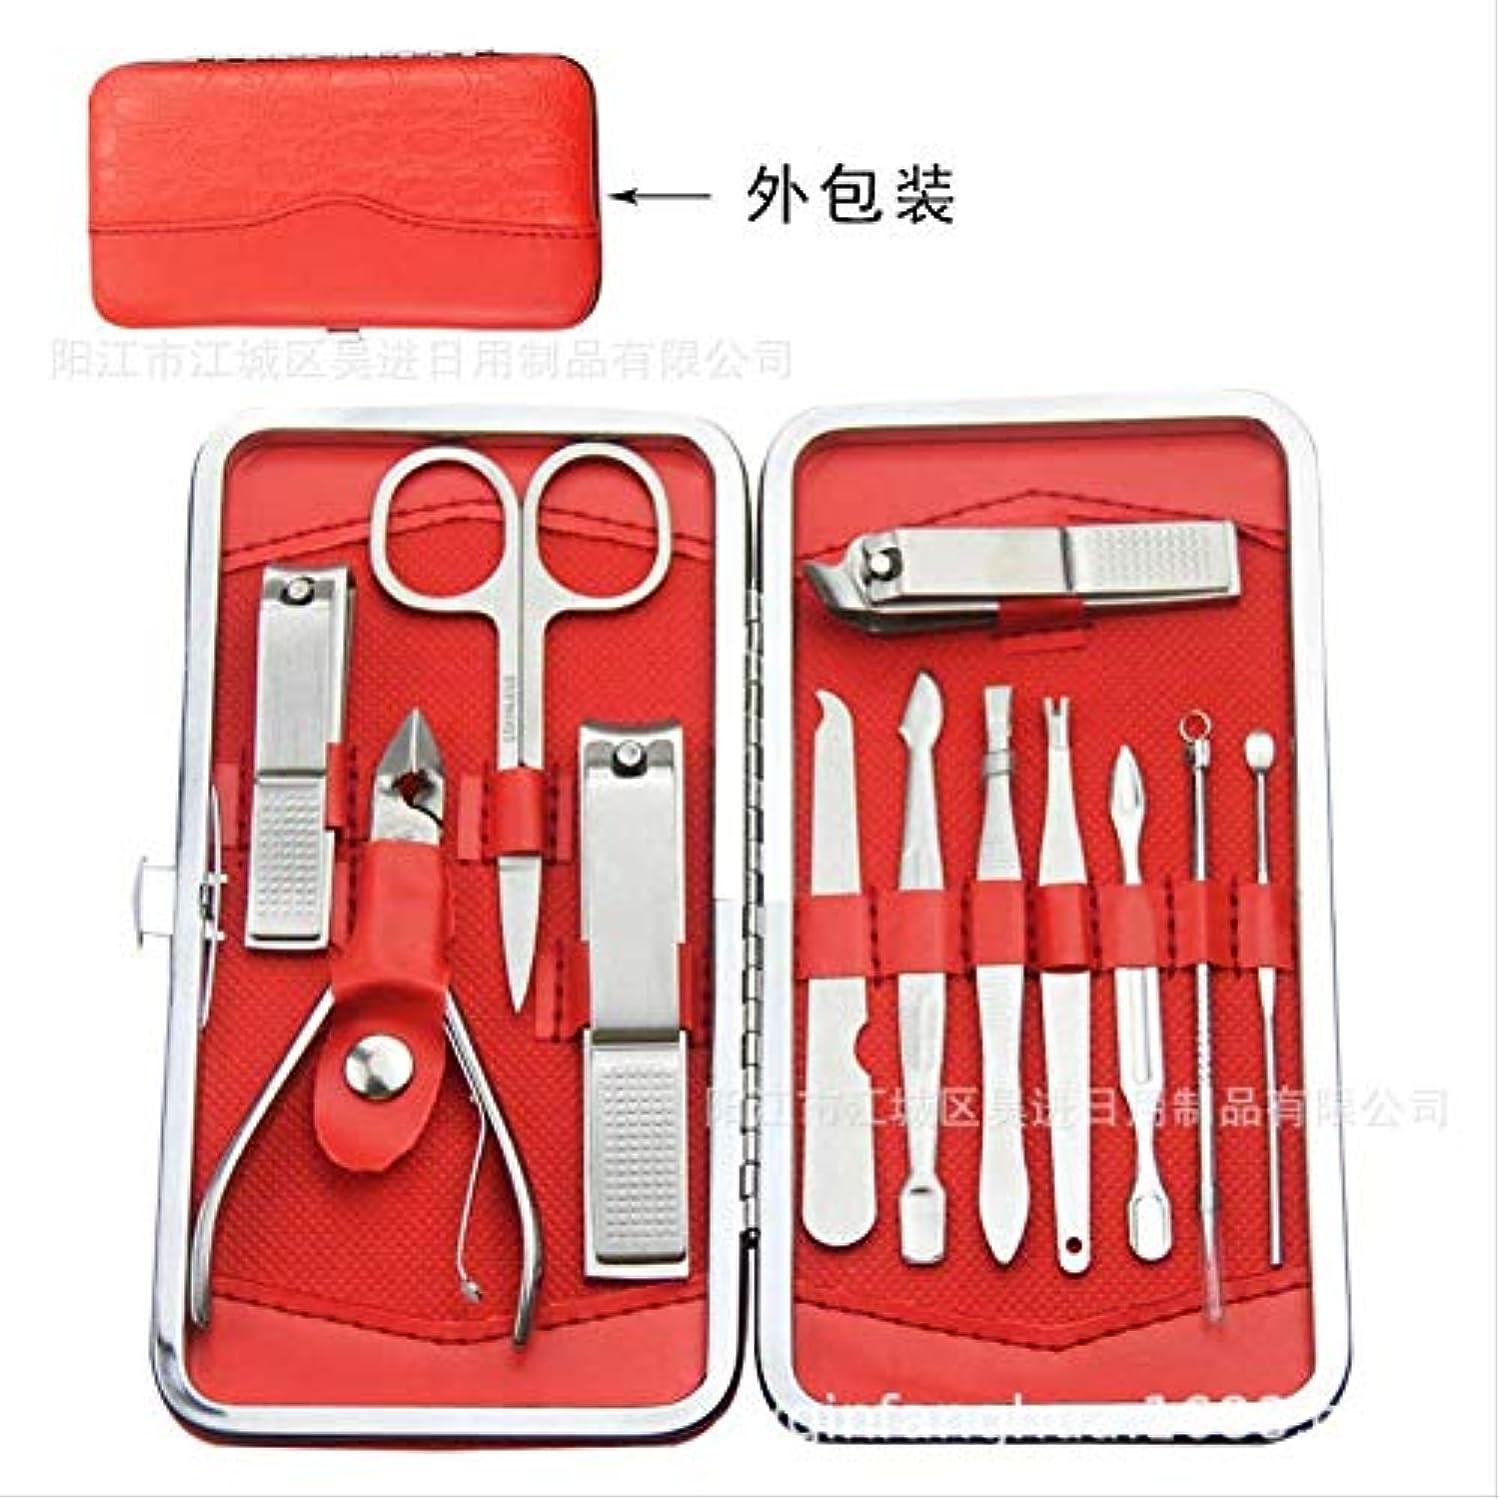 以来アブストラクト緊張する爪切りセット12ステンレス鋼爪切りセット美容マニキュアツール爪切り爪やすり Zhenghong高級ステンレス鋼12ピースセット